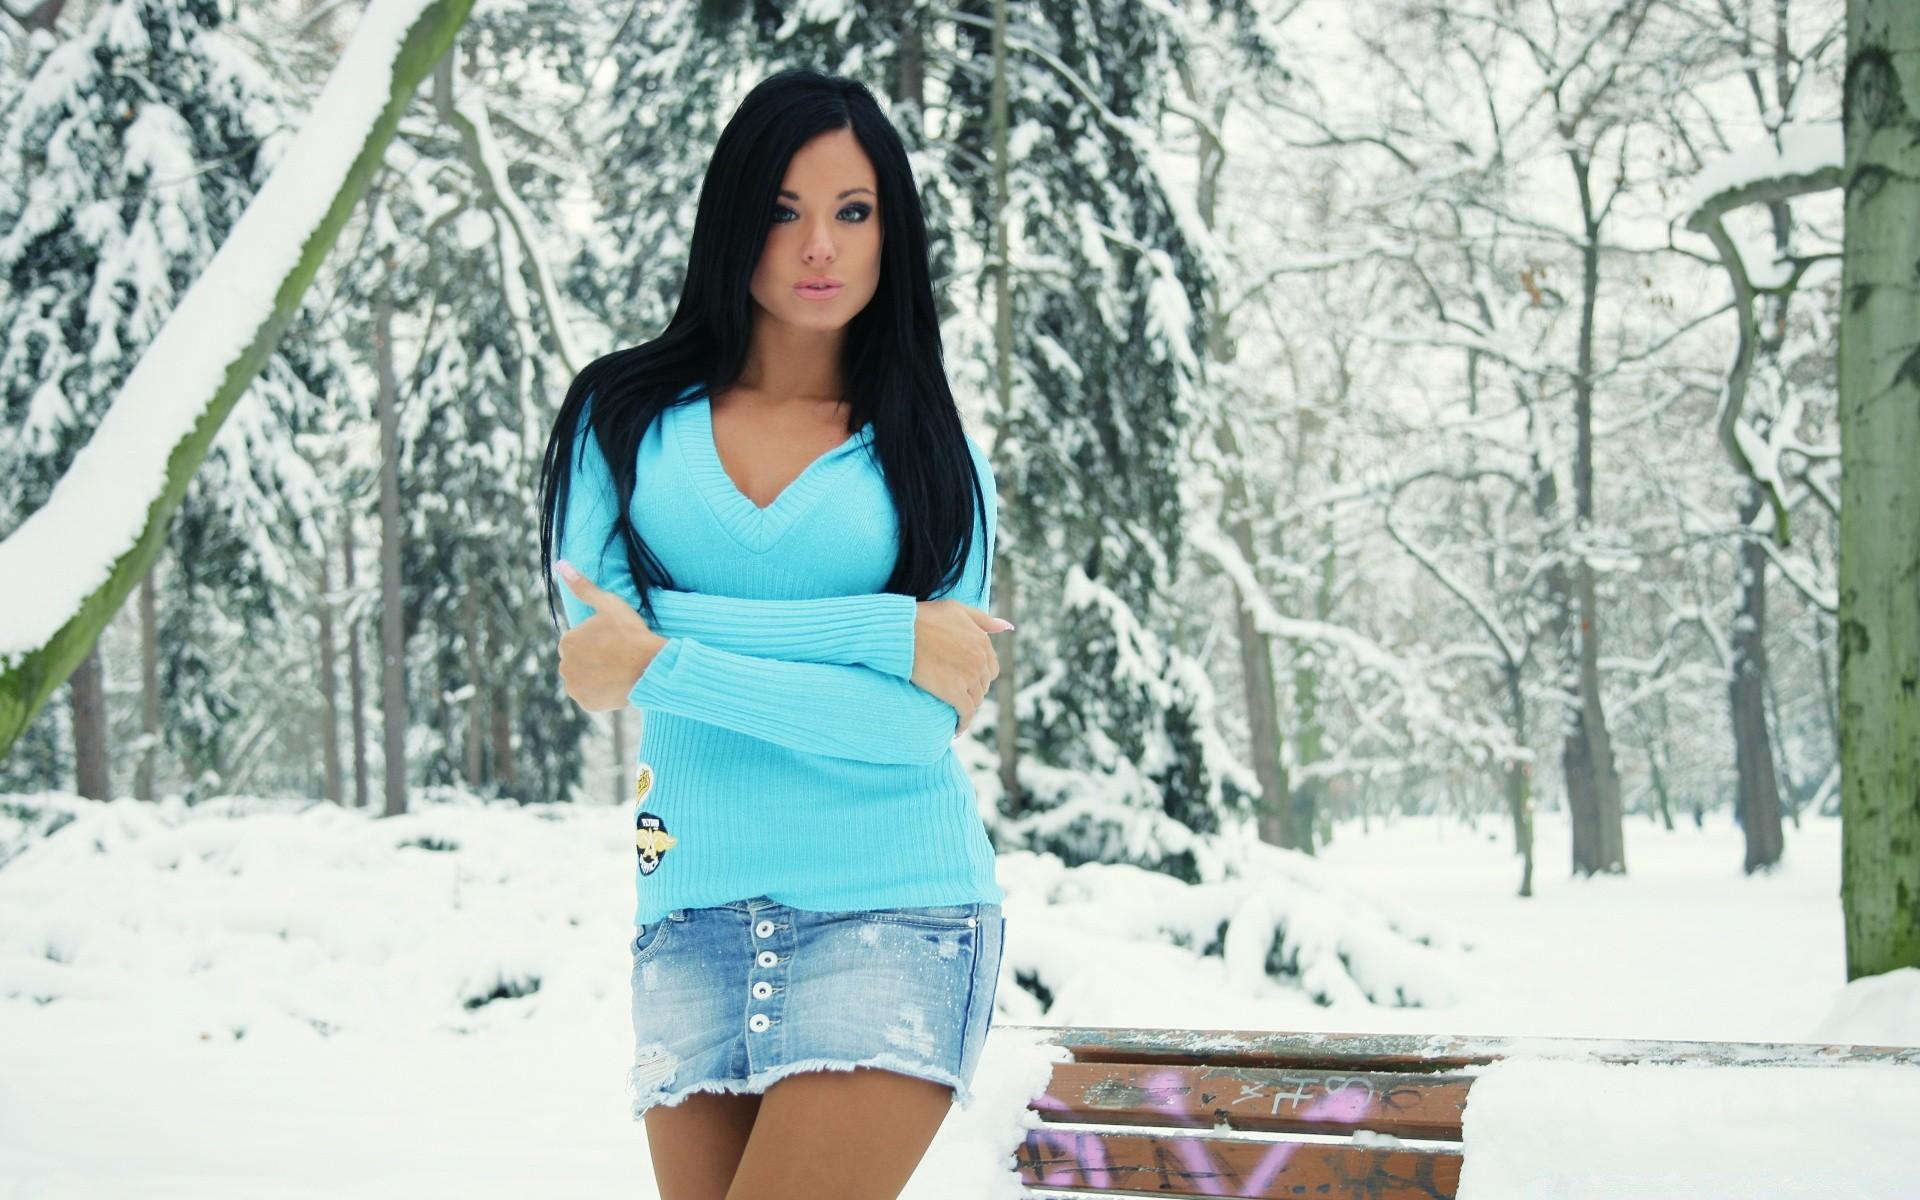 девушка брюнетка зима снег winter snow  № 2816646 бесплатно